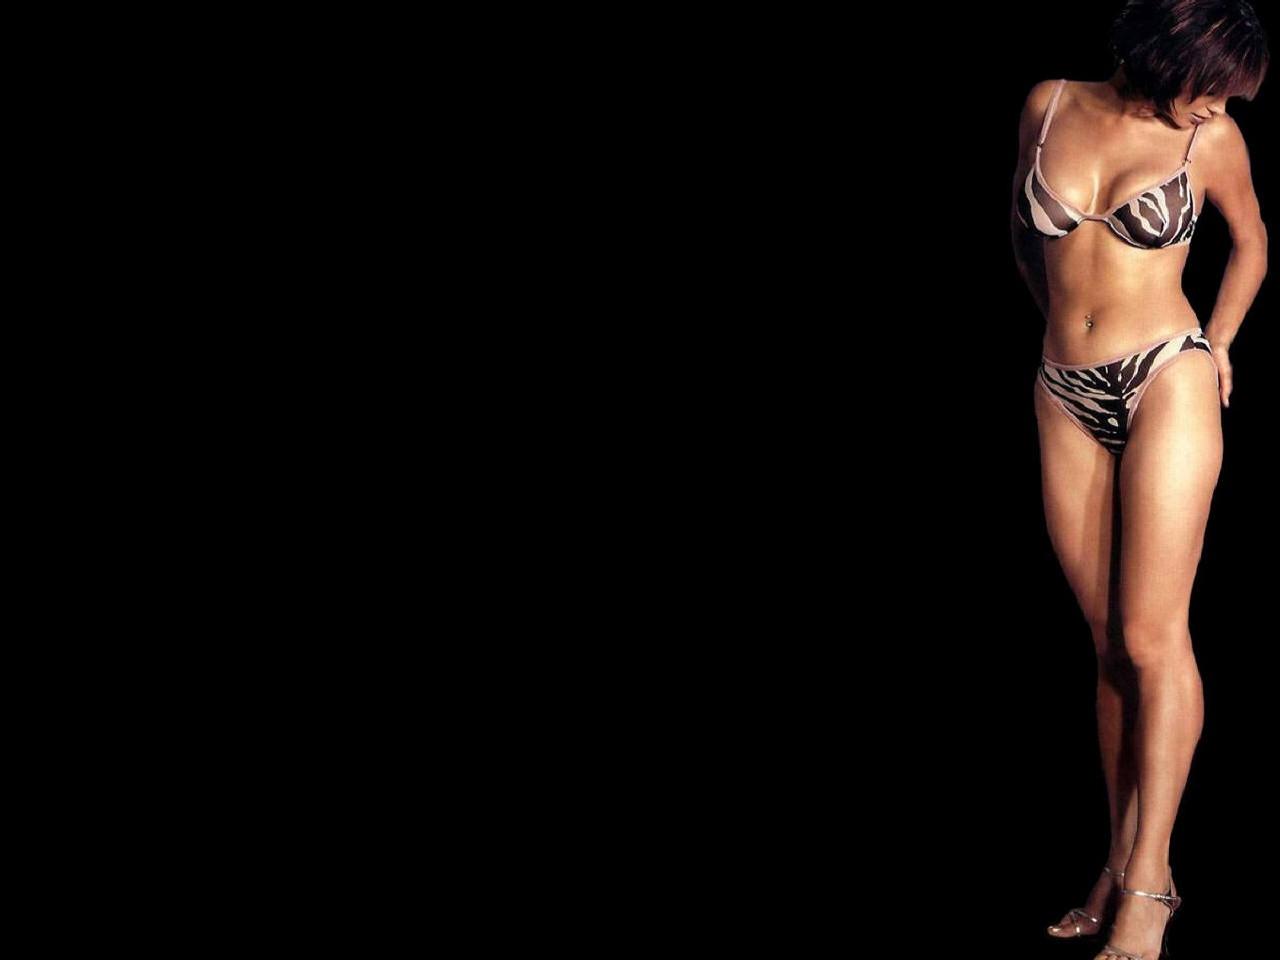 Wallpaper di Catherine Bell - l'attrice inglese è nata il 14 agosto 1968 a Londra, sotto il segno del Leone